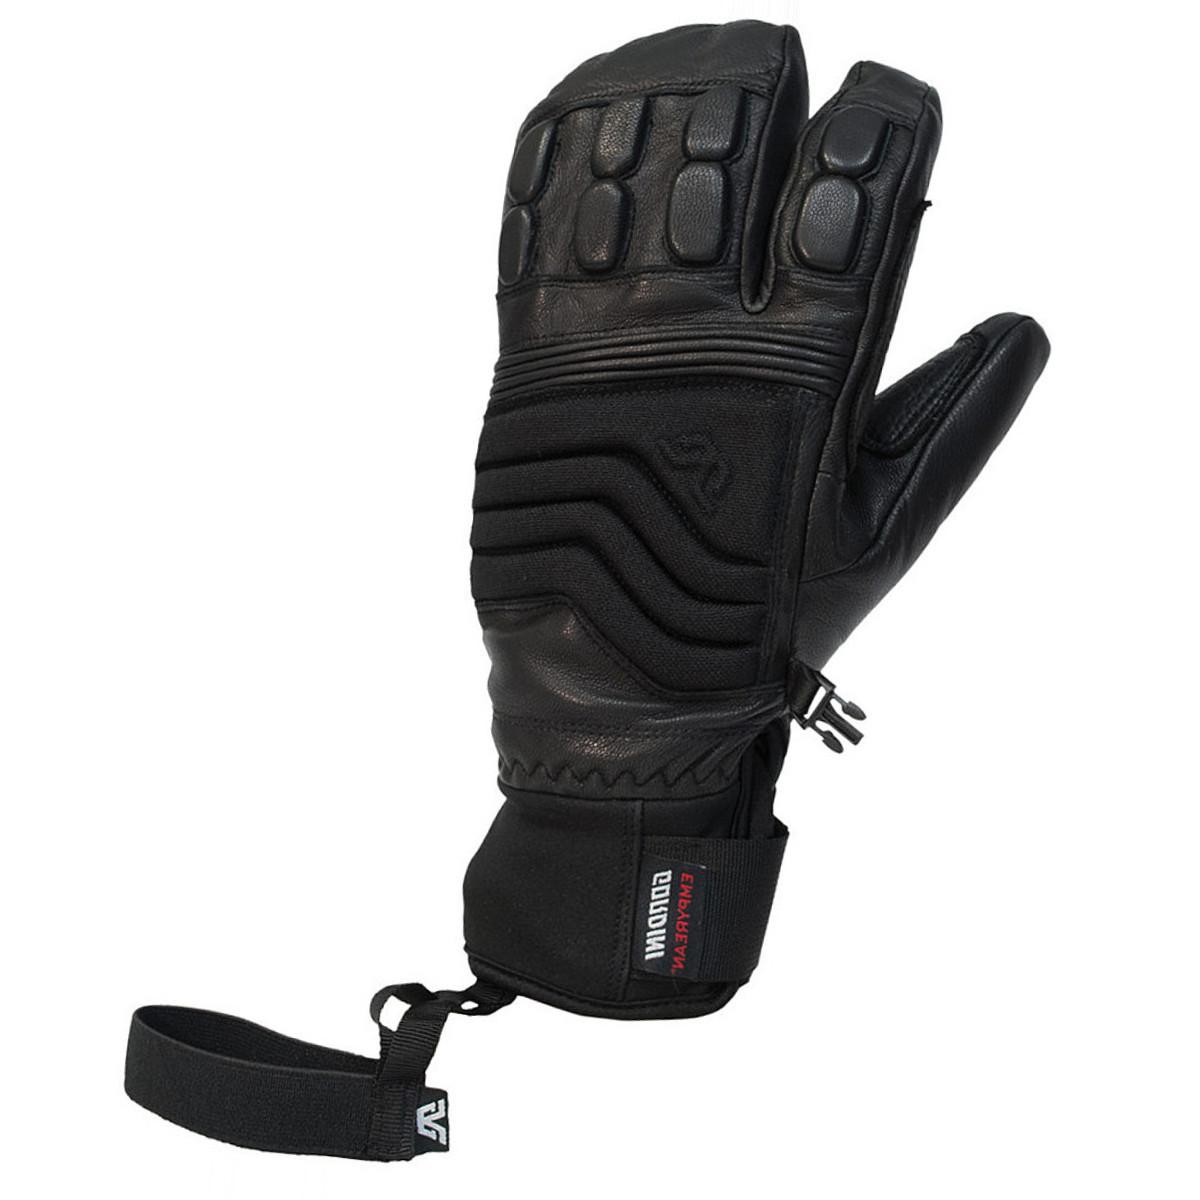 Gordini Wrangell 3 Finger Ski Glove - Men's